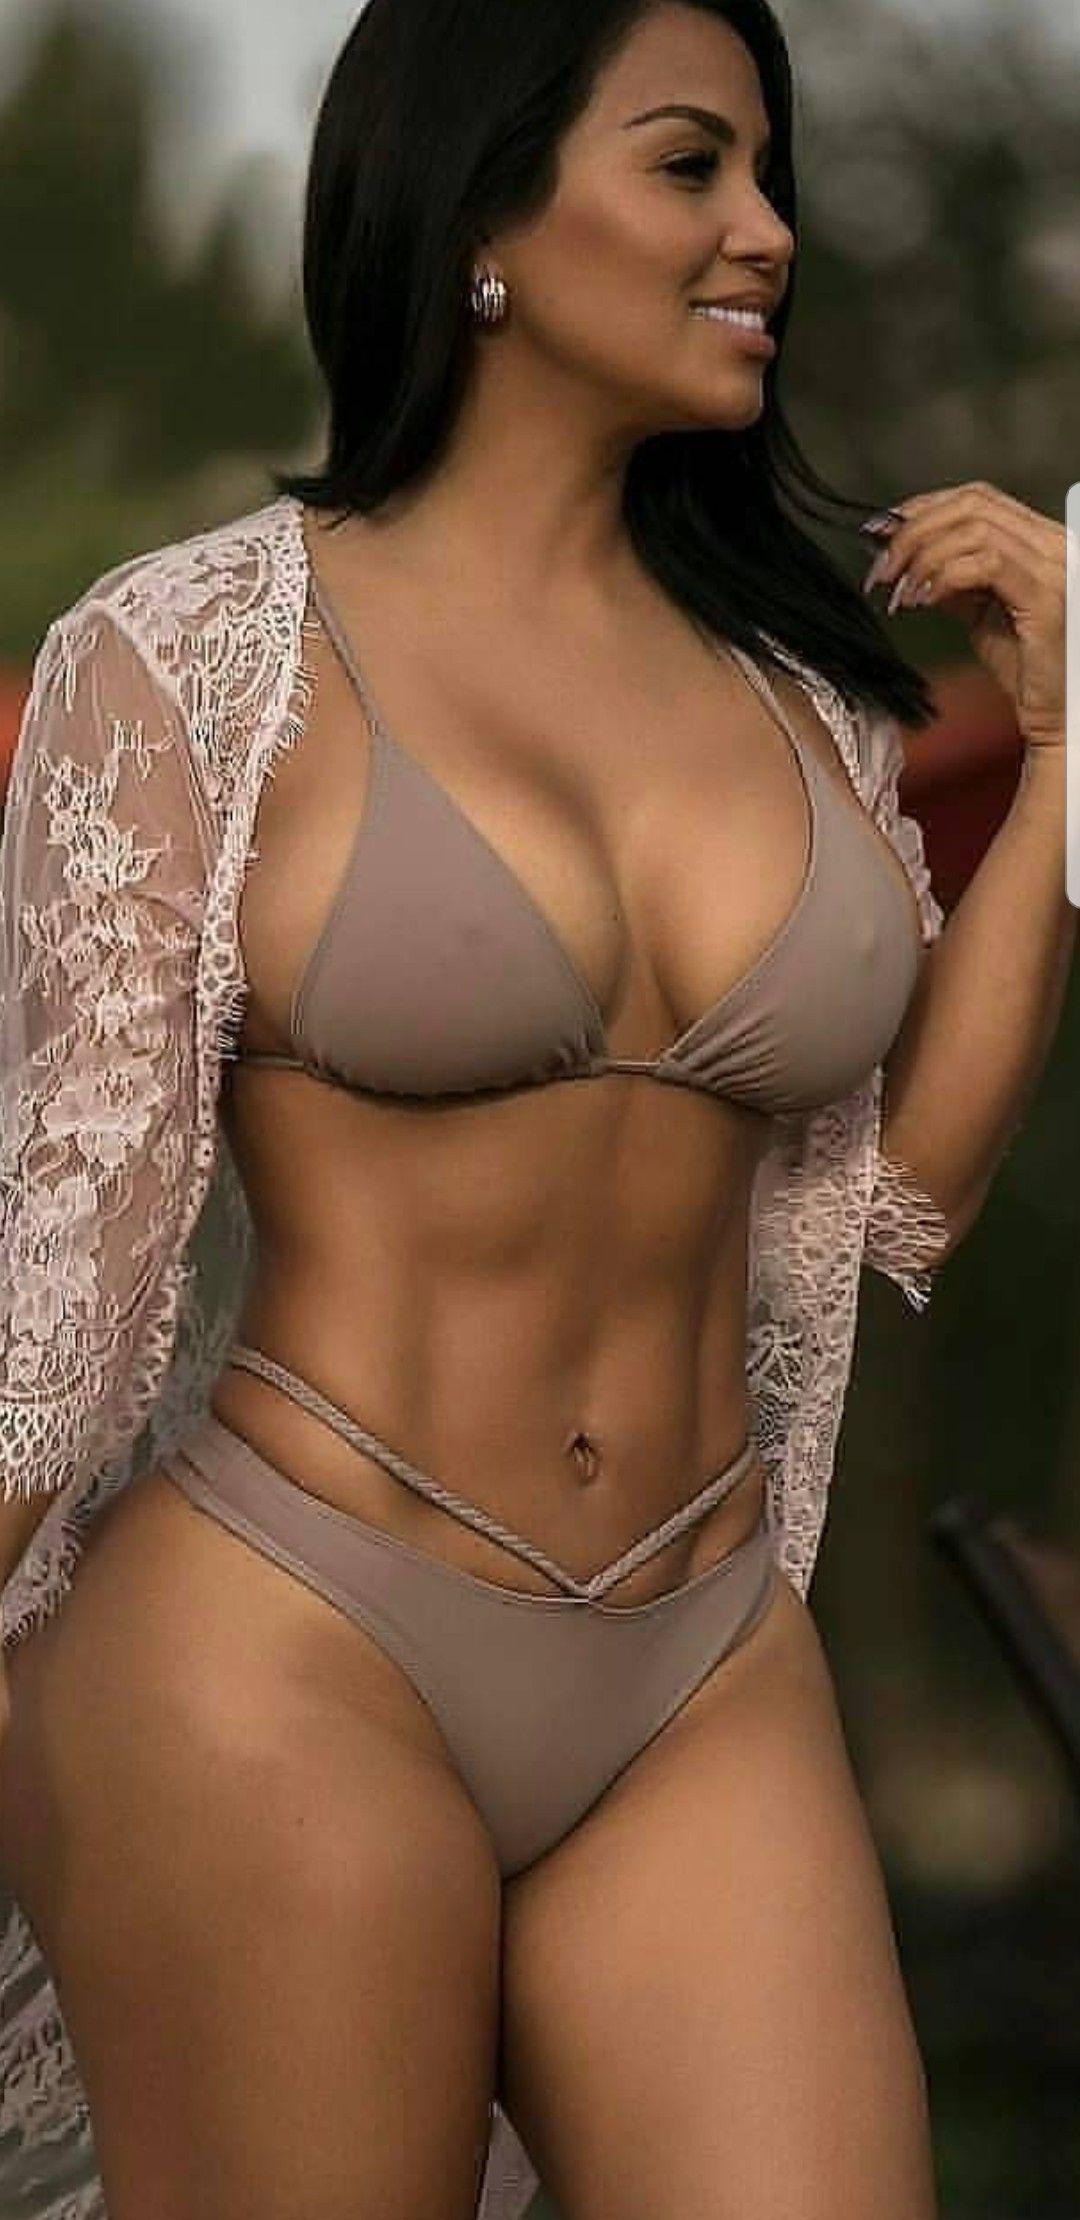 Nude photoshoot by goa girls